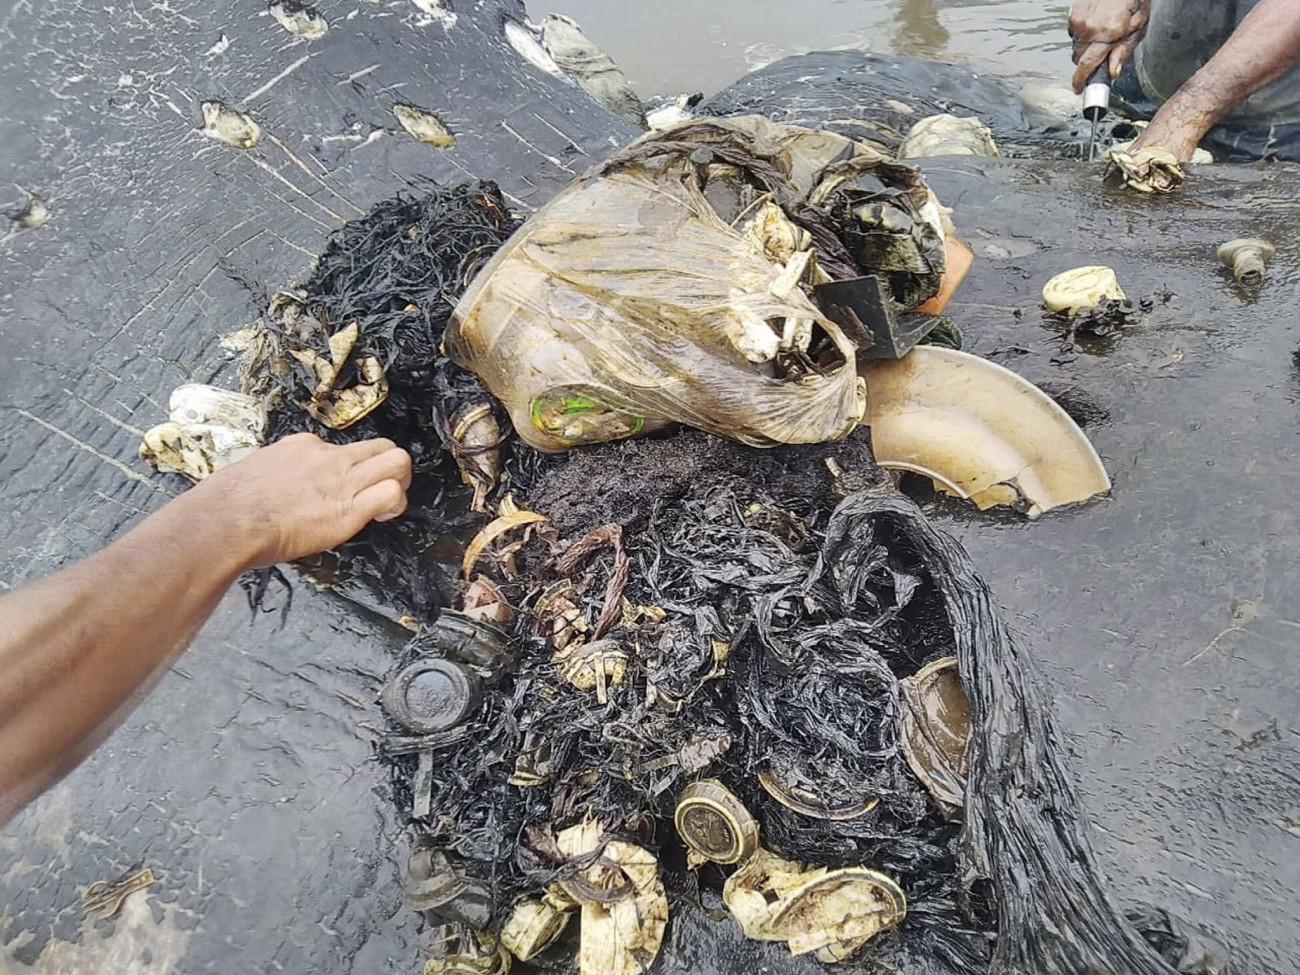 Kapota-sziget, 2018. november 21. A Természetvédelmi Világalap, a WWF indonéziai szervezete által közreadott kép egy ámbráscet gyomrában talált szemétről a Wakatobi Nemzeti Parkhoz tartozó Kapota-sziget partján, Délkelet-Szulavézi tartományban 2018. november 20-án. A közel hat kilogramm emészthetetlen hulladék a 9,5 méteres állat pusztulását okozta. MTI/EPA